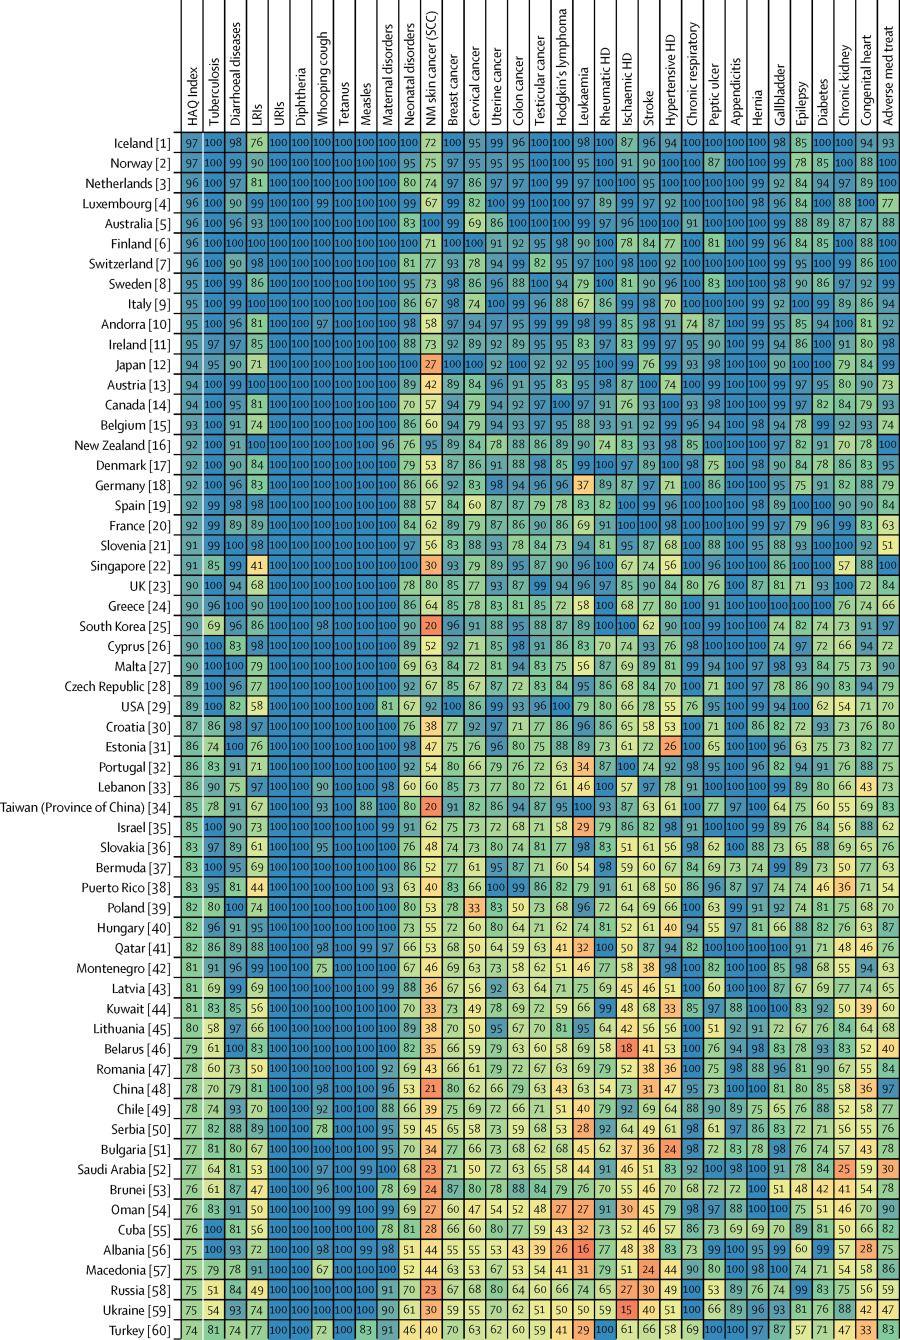 Ranking Lancet